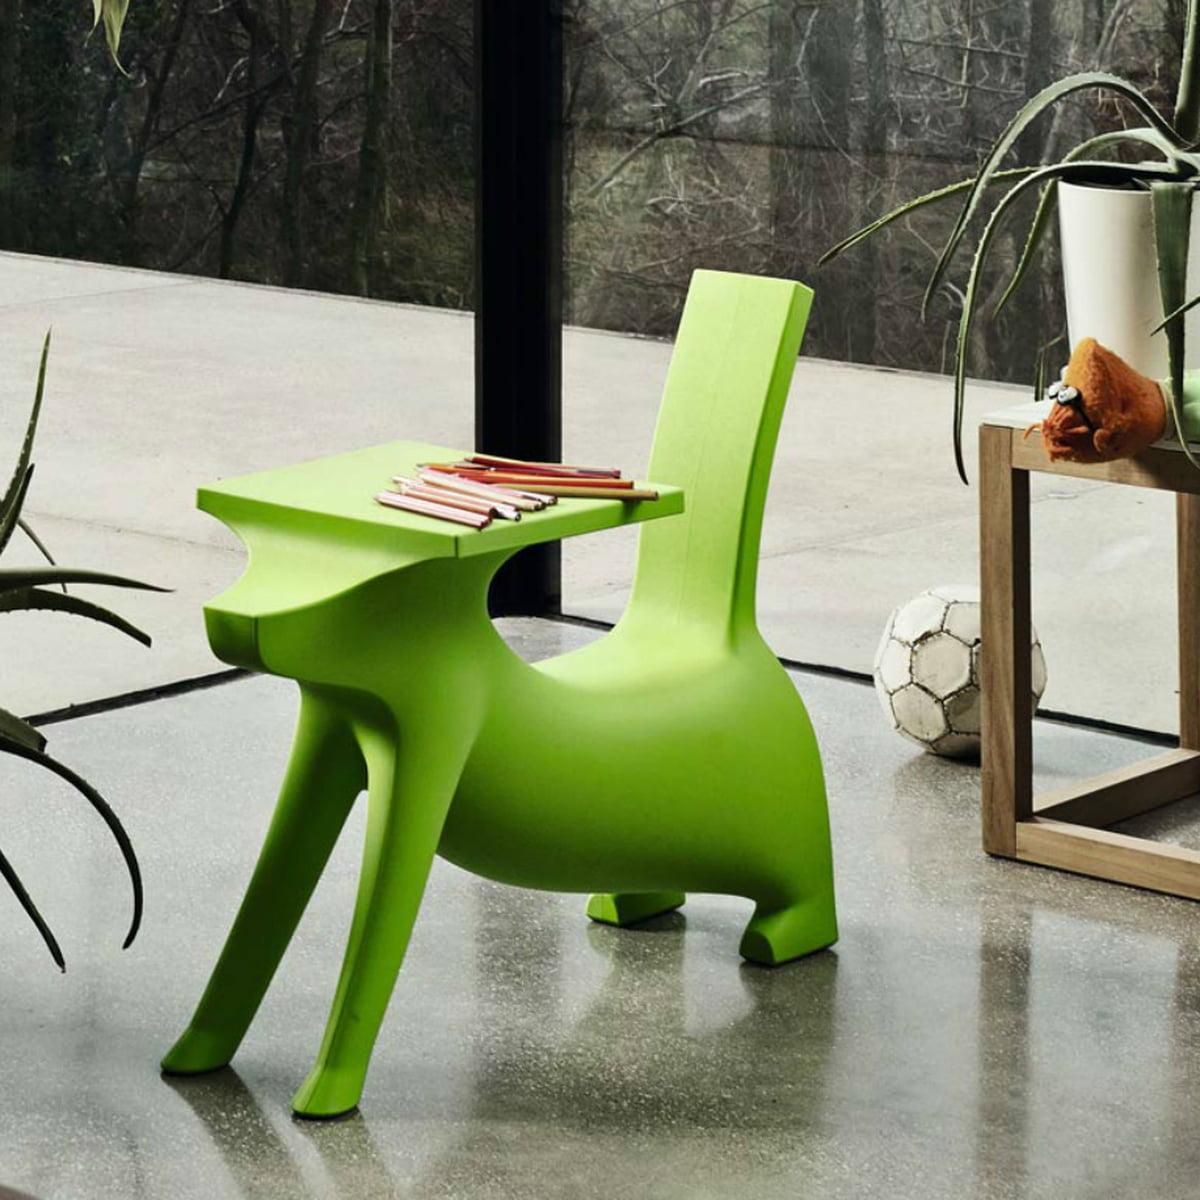 le chien savant kinderstuhl und schreibtisch. Black Bedroom Furniture Sets. Home Design Ideas